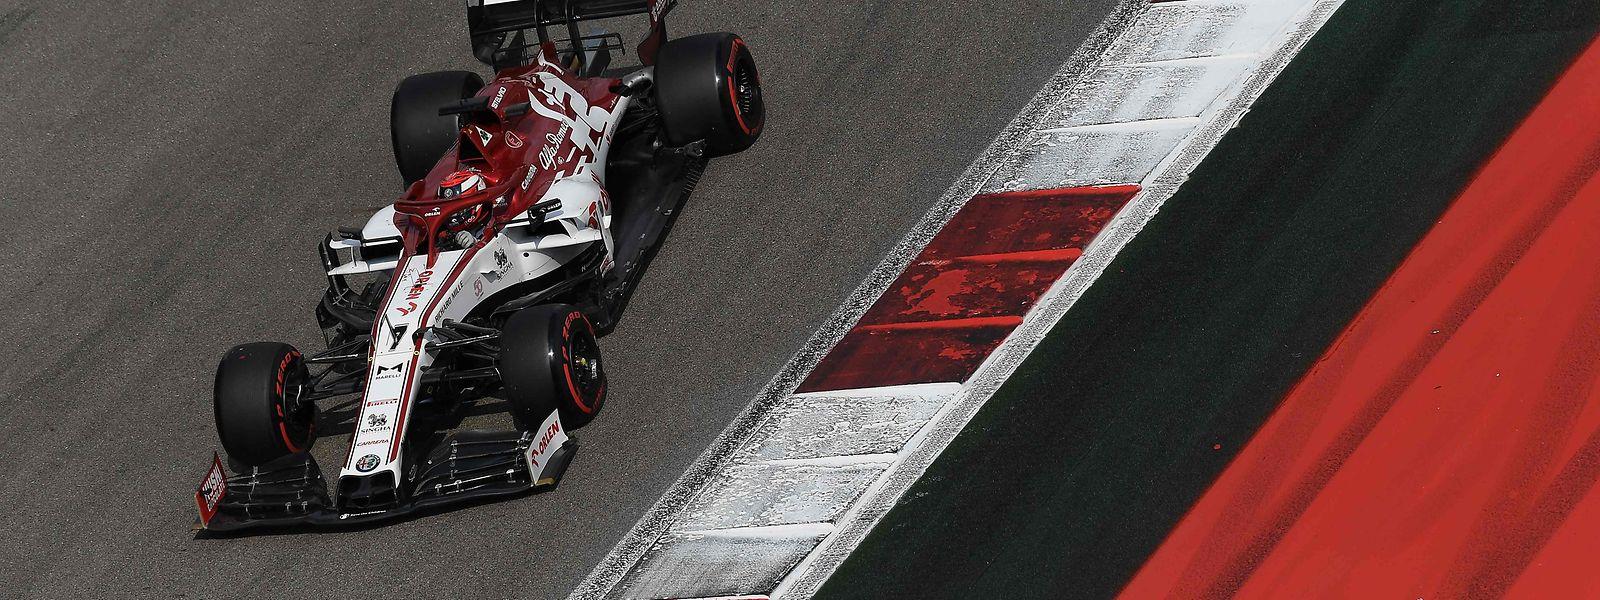 Mit dem Alfa Romeo kann Kimi Räikkönen nicht mehr vorne mitfahren.